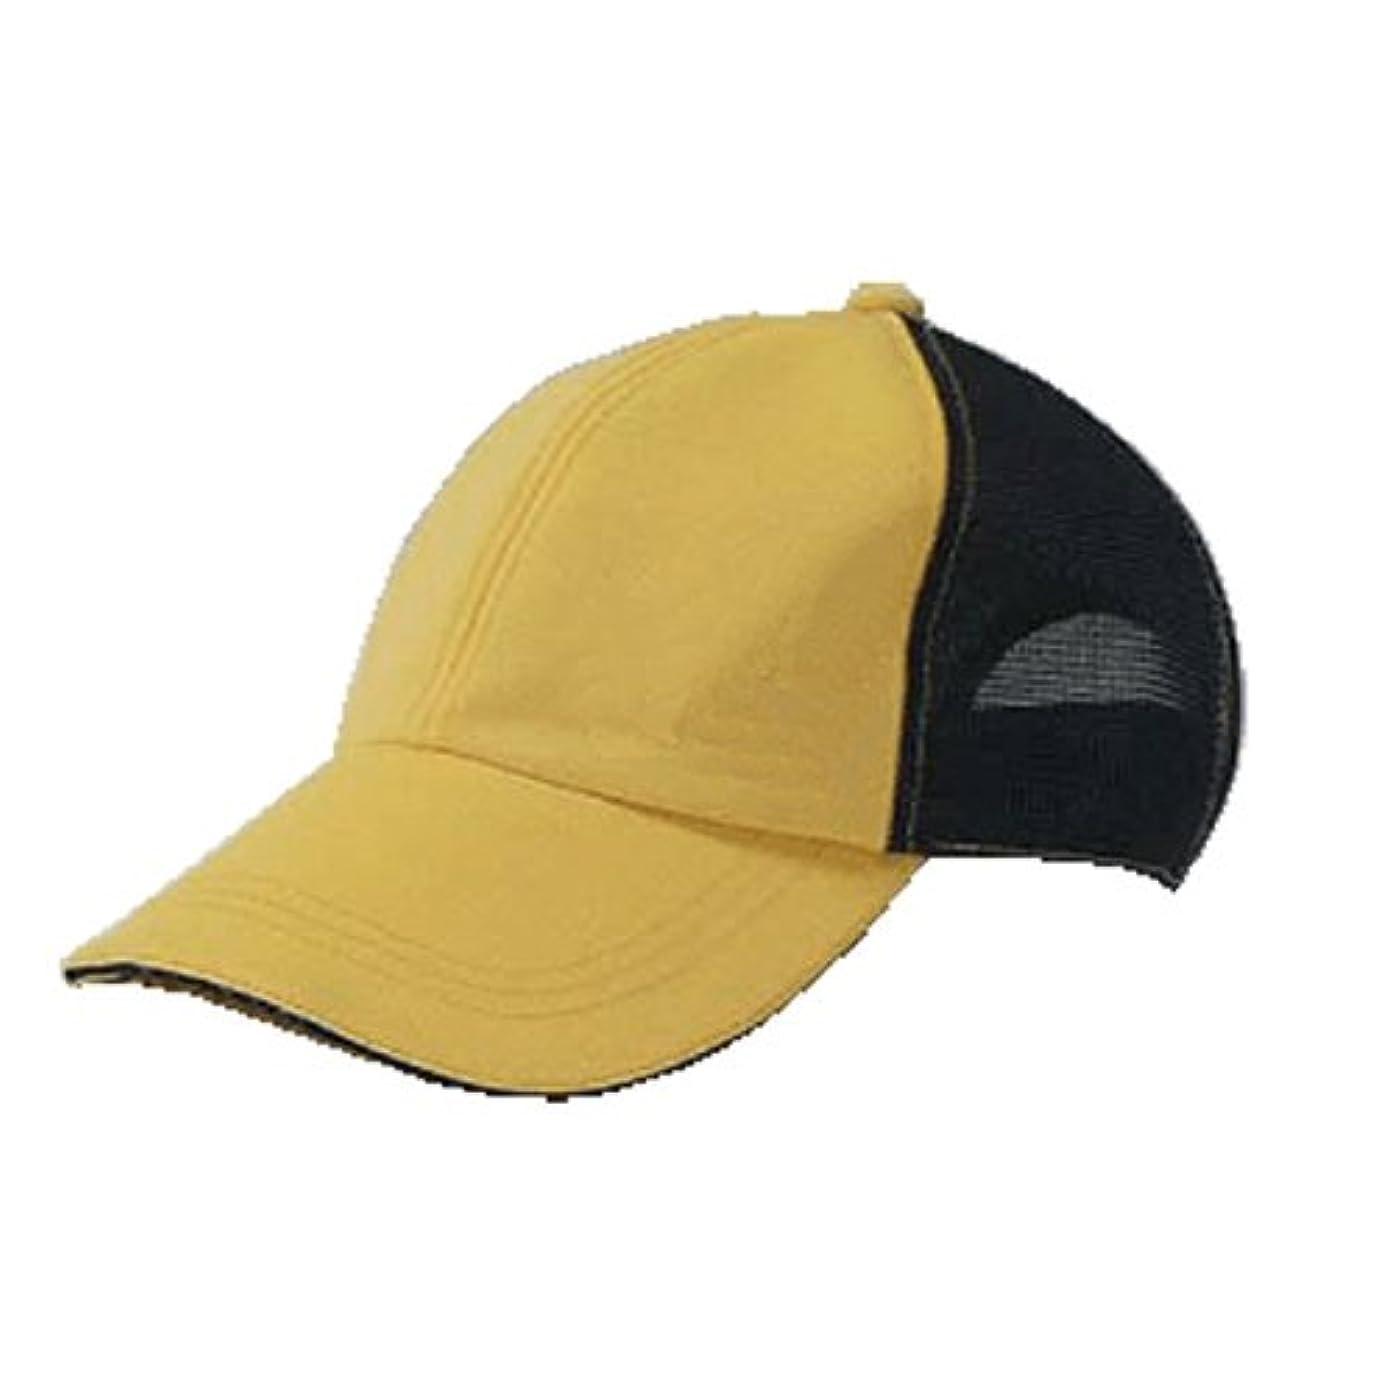 複製する道に迷いました目立つLEDライト付き帽子 TERUBO メッシュタイプ 黄/黒